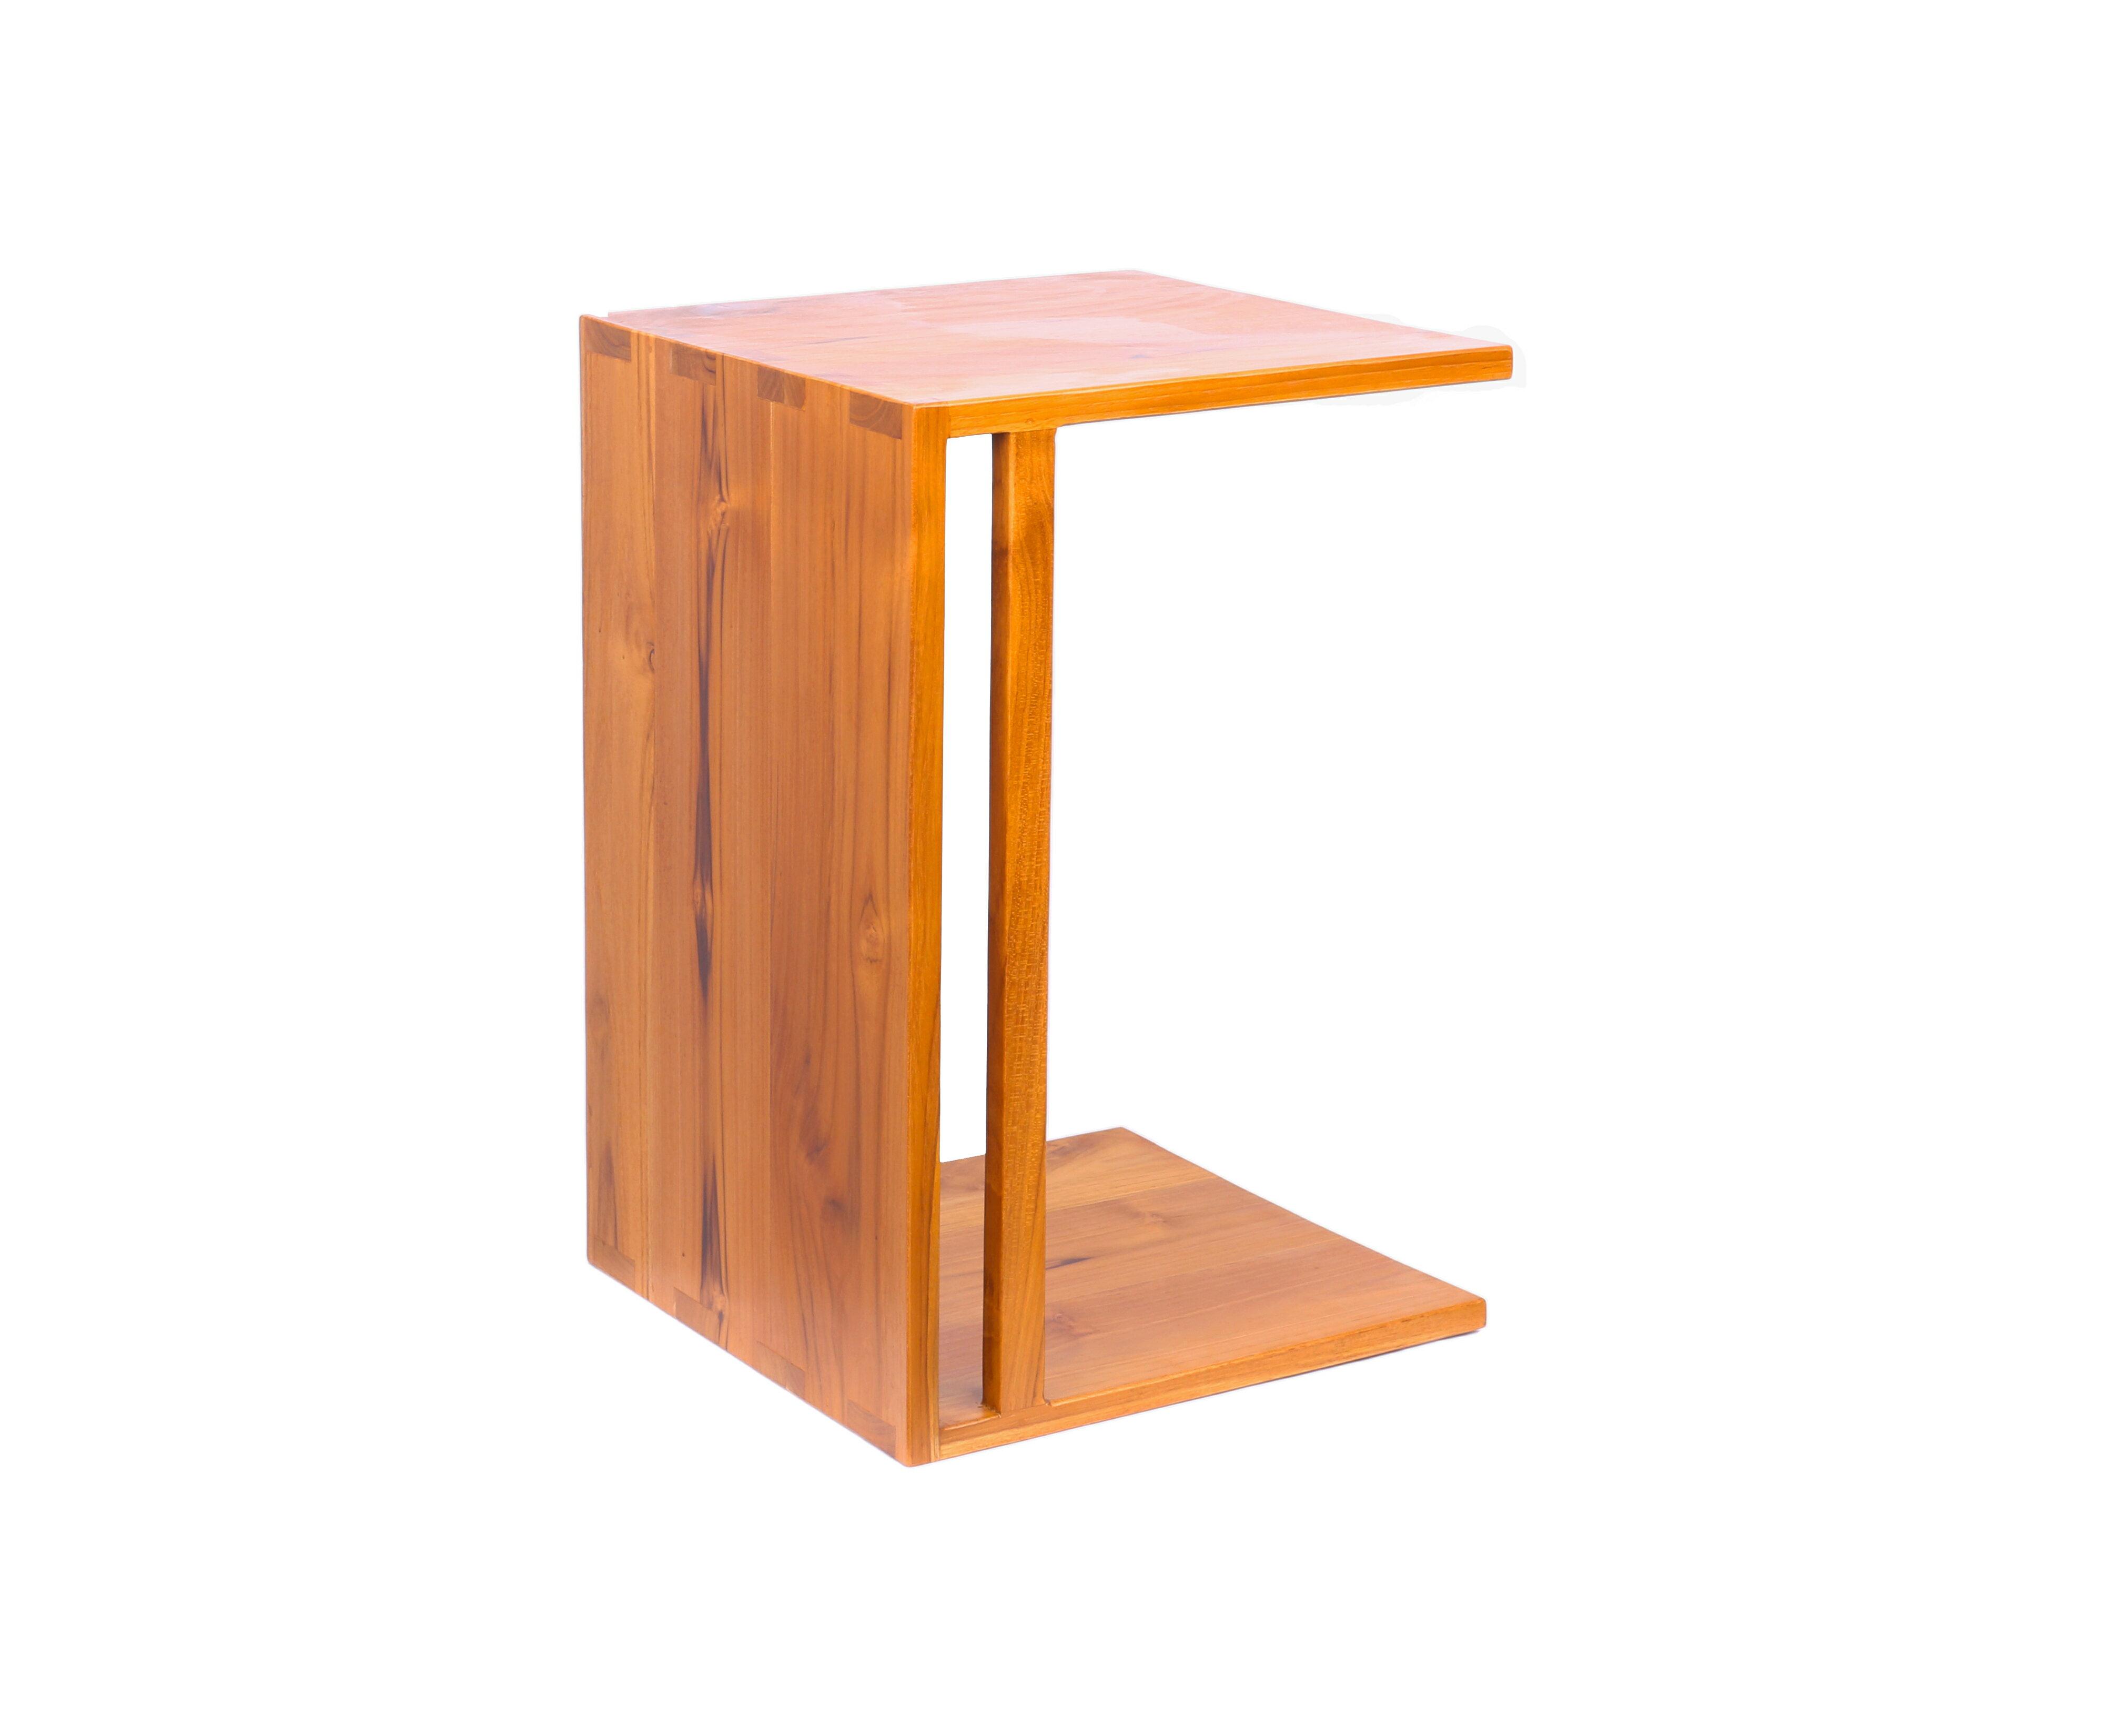 柚木沙發邊几 小邊桌 小茶几 沙發几 兩用桌 功能桌 柚木家具A.H.Furniture  面寬40 深度40 高度60